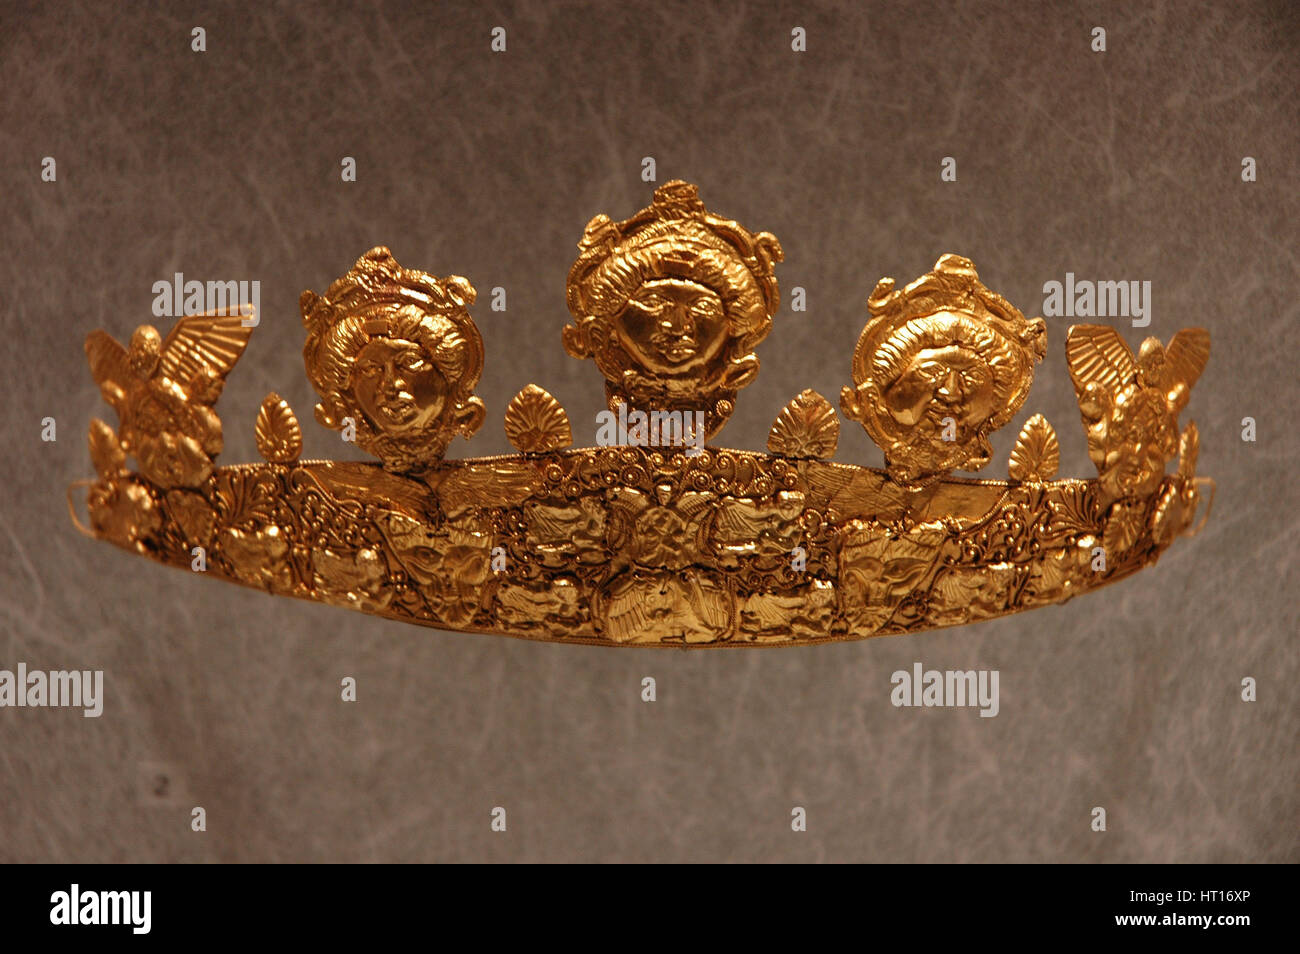 Corona de Oro. Cultura: La Romana. Lugar de origen: Roma Línea de Crédito: Werner forman Archive, N.J. Imagen De Stock